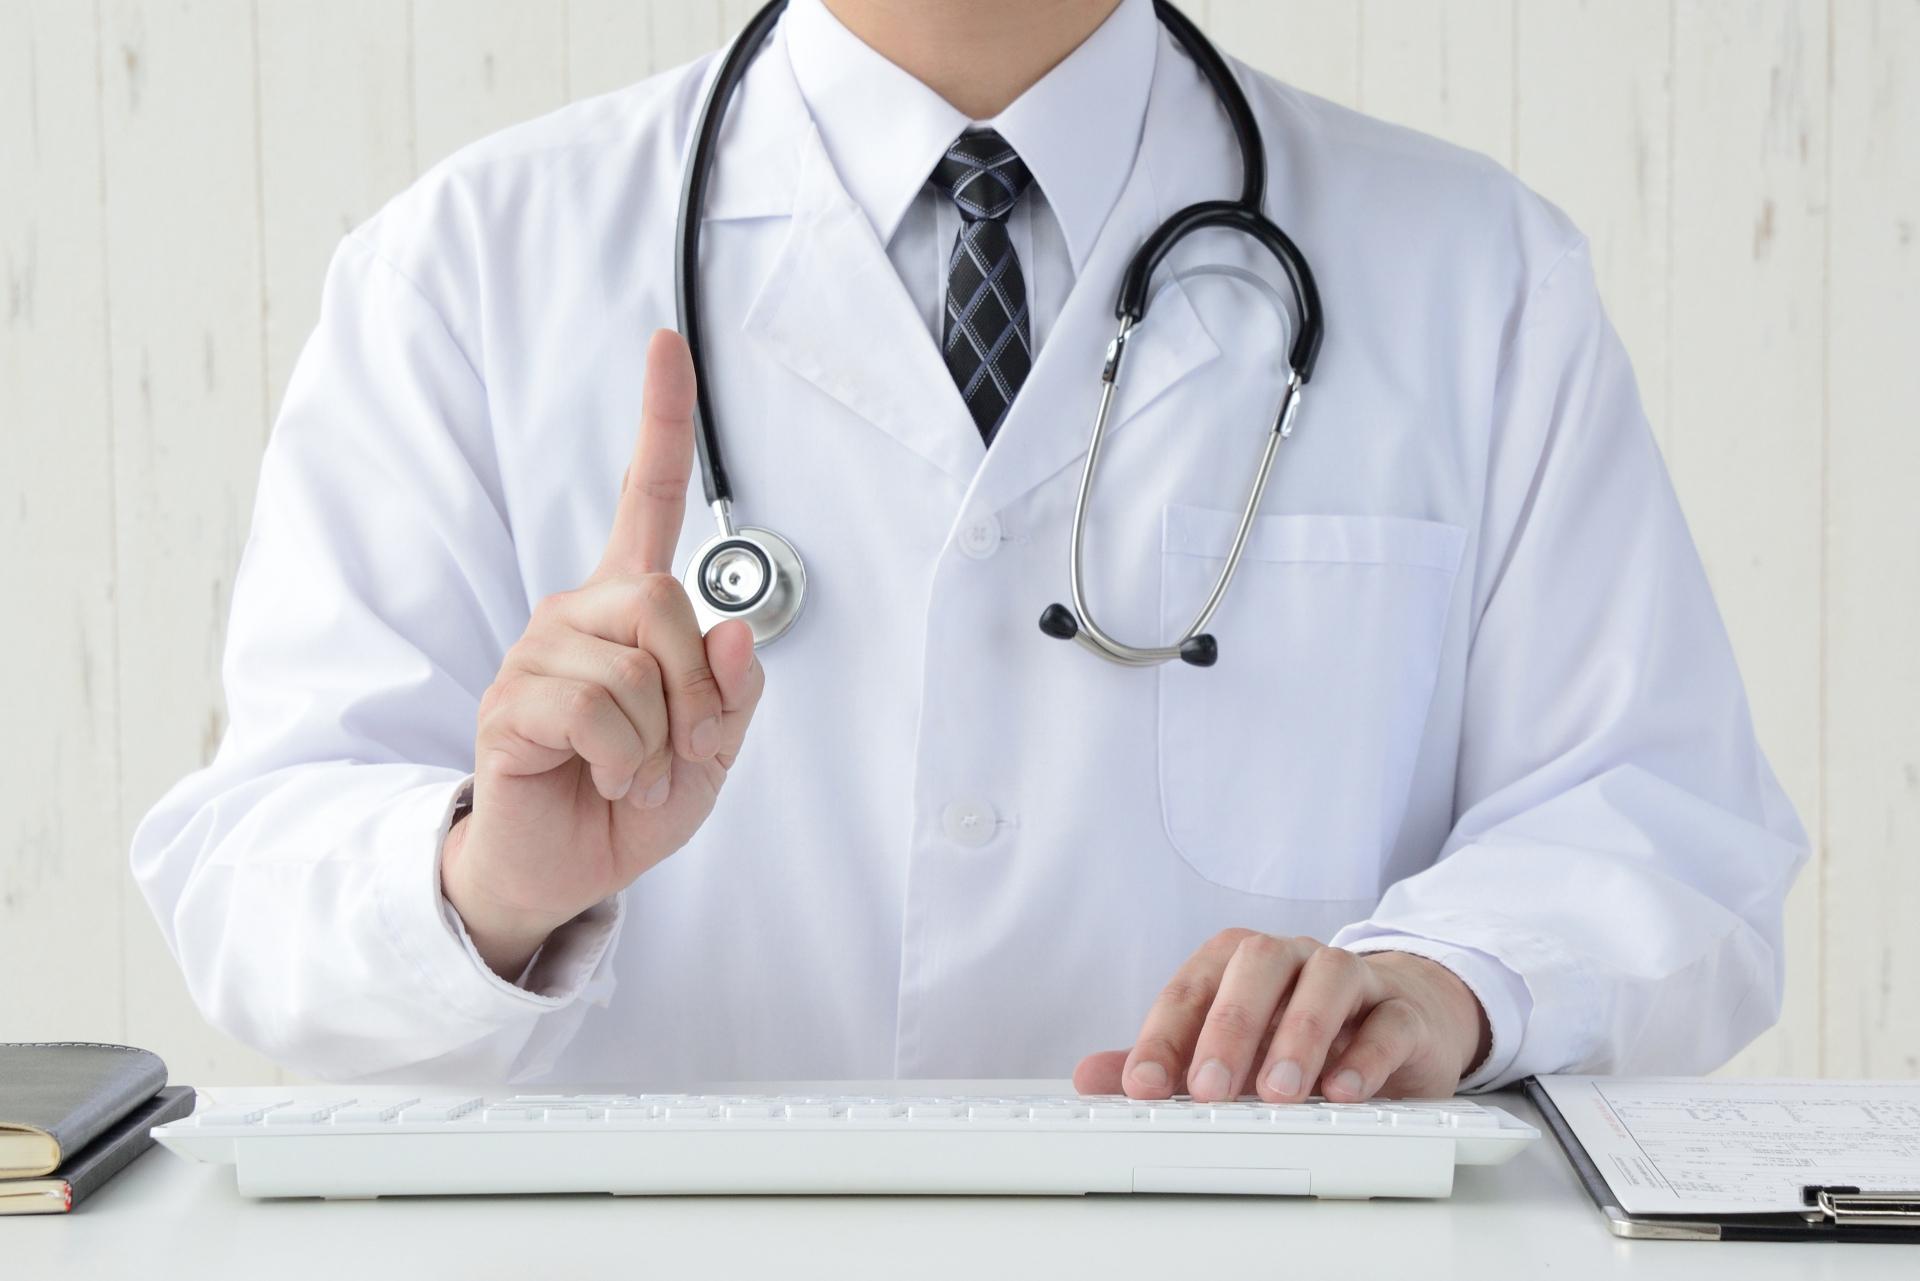 忠告する医者